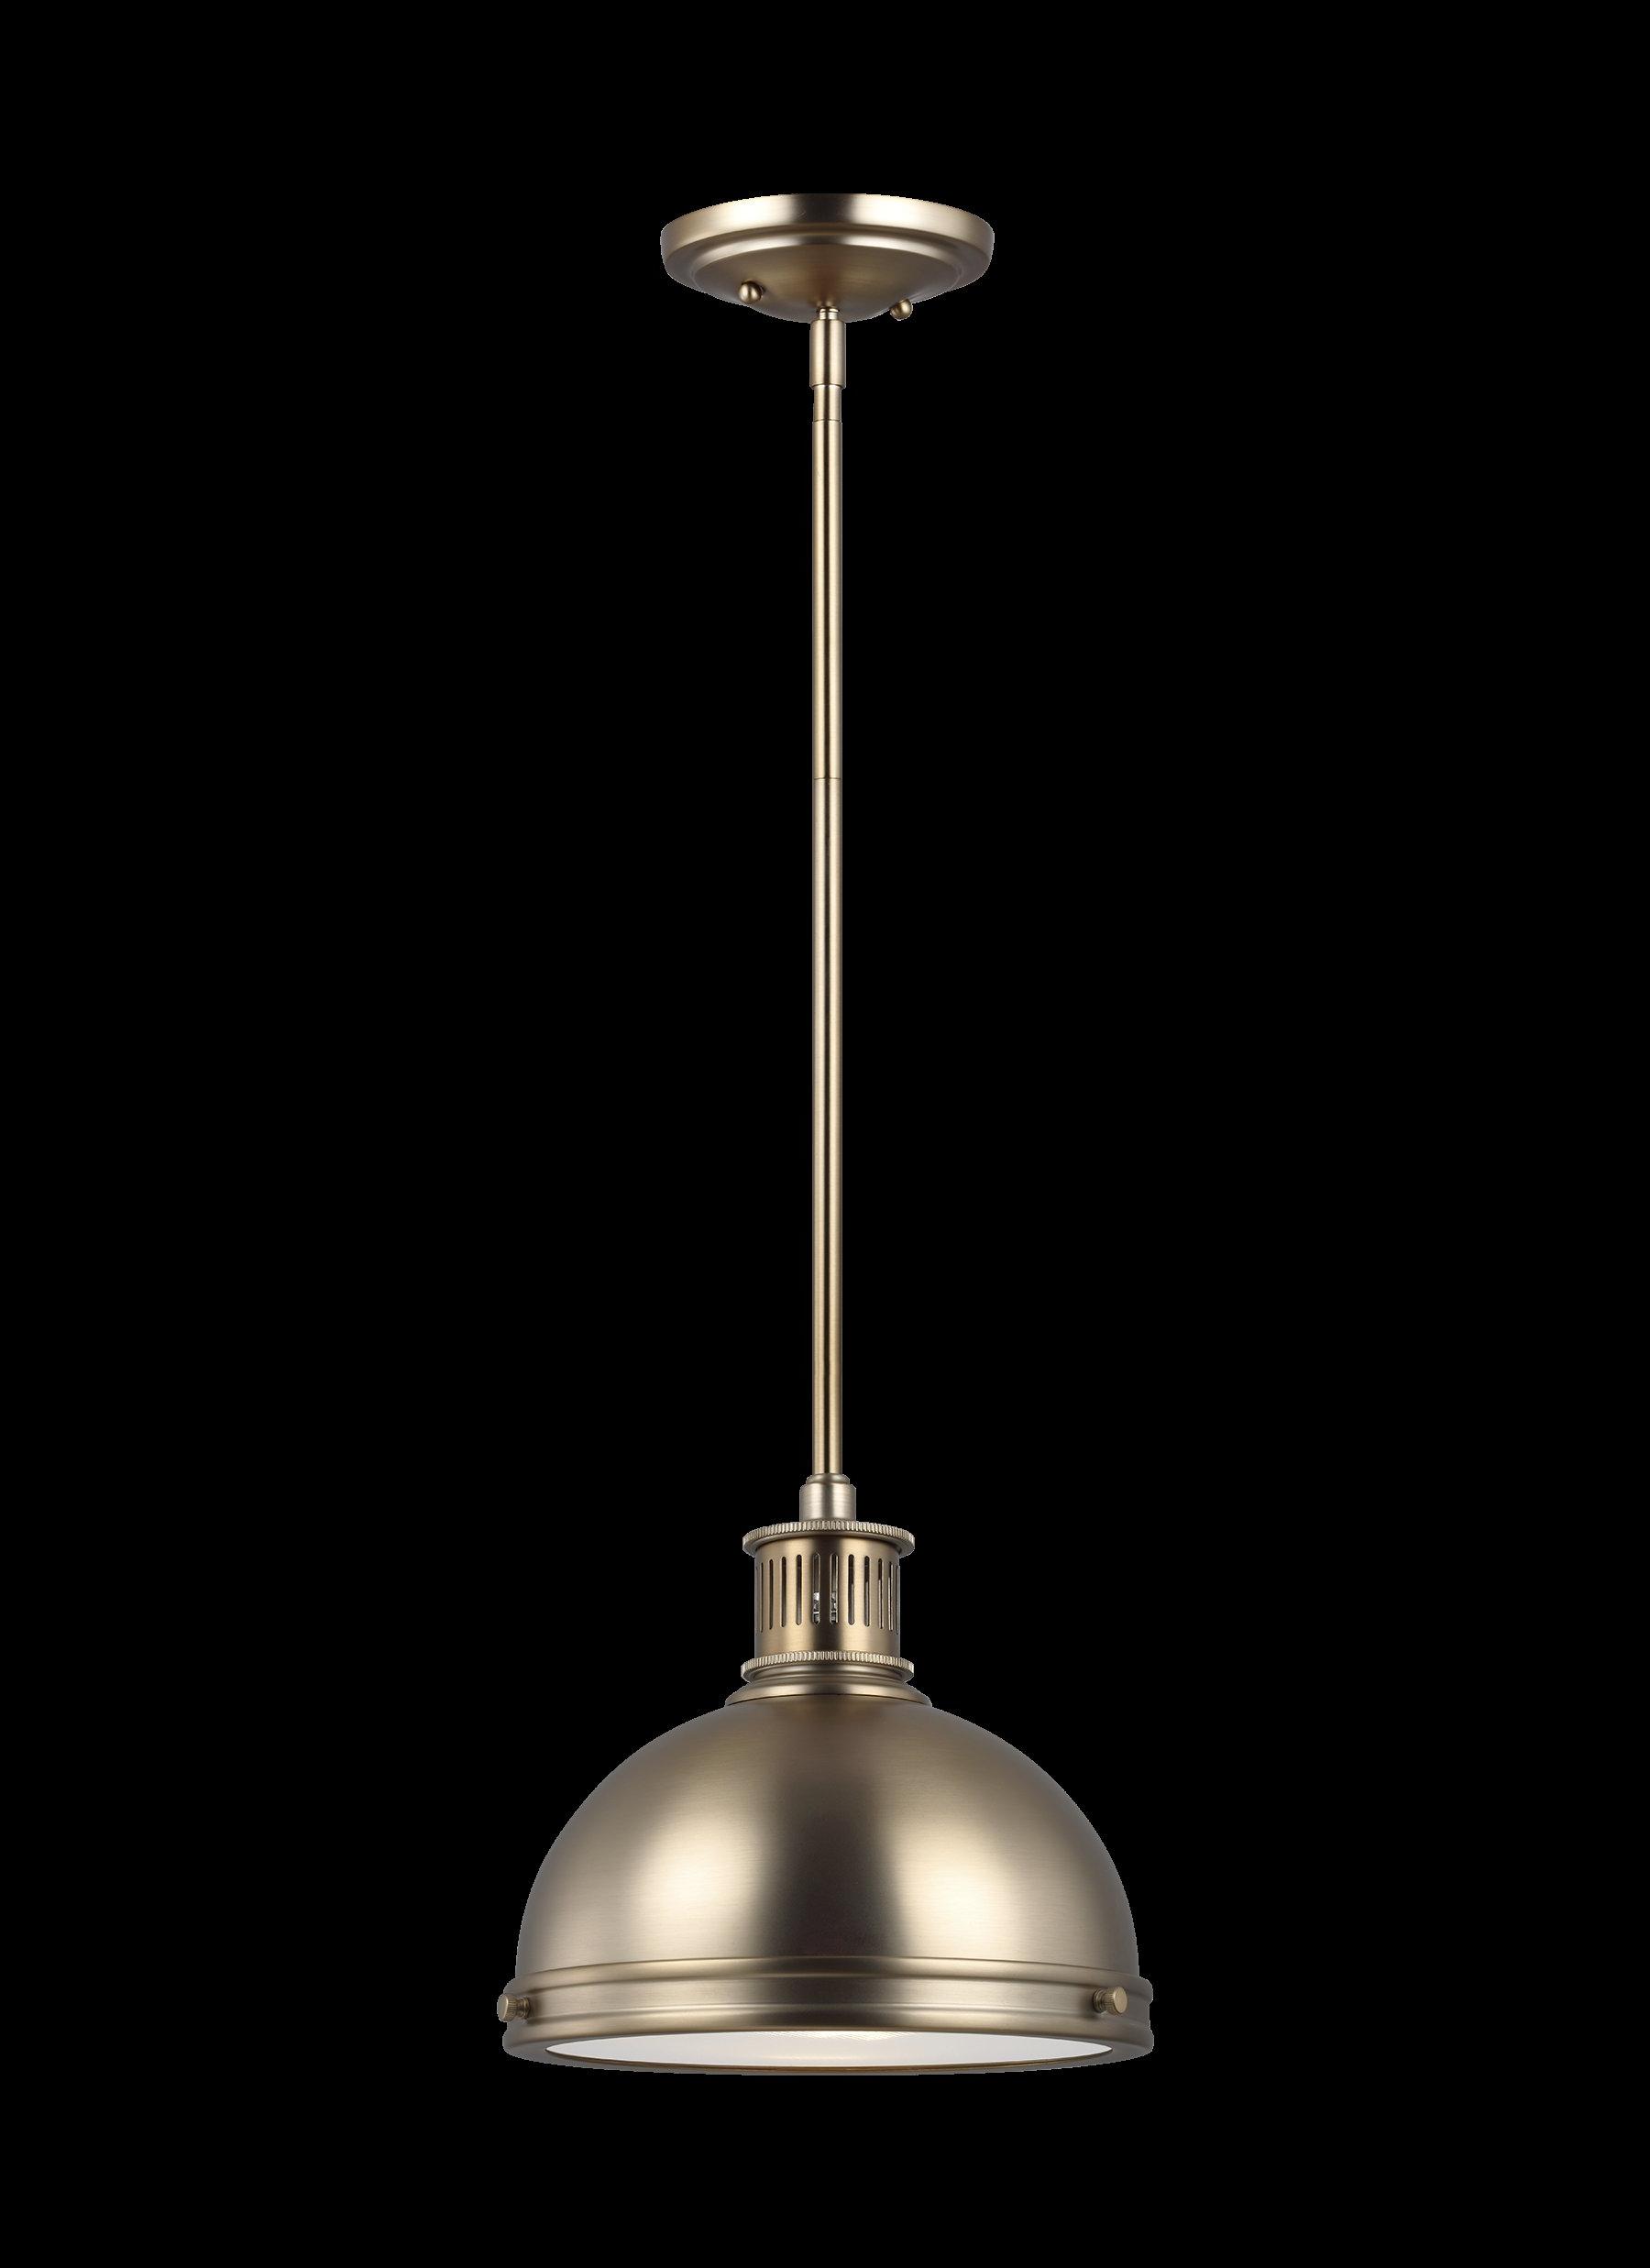 Trendy Ninette 1 Light Dome Pendant Pertaining To Ninette 1 Light Dome Pendants (View 19 of 20)